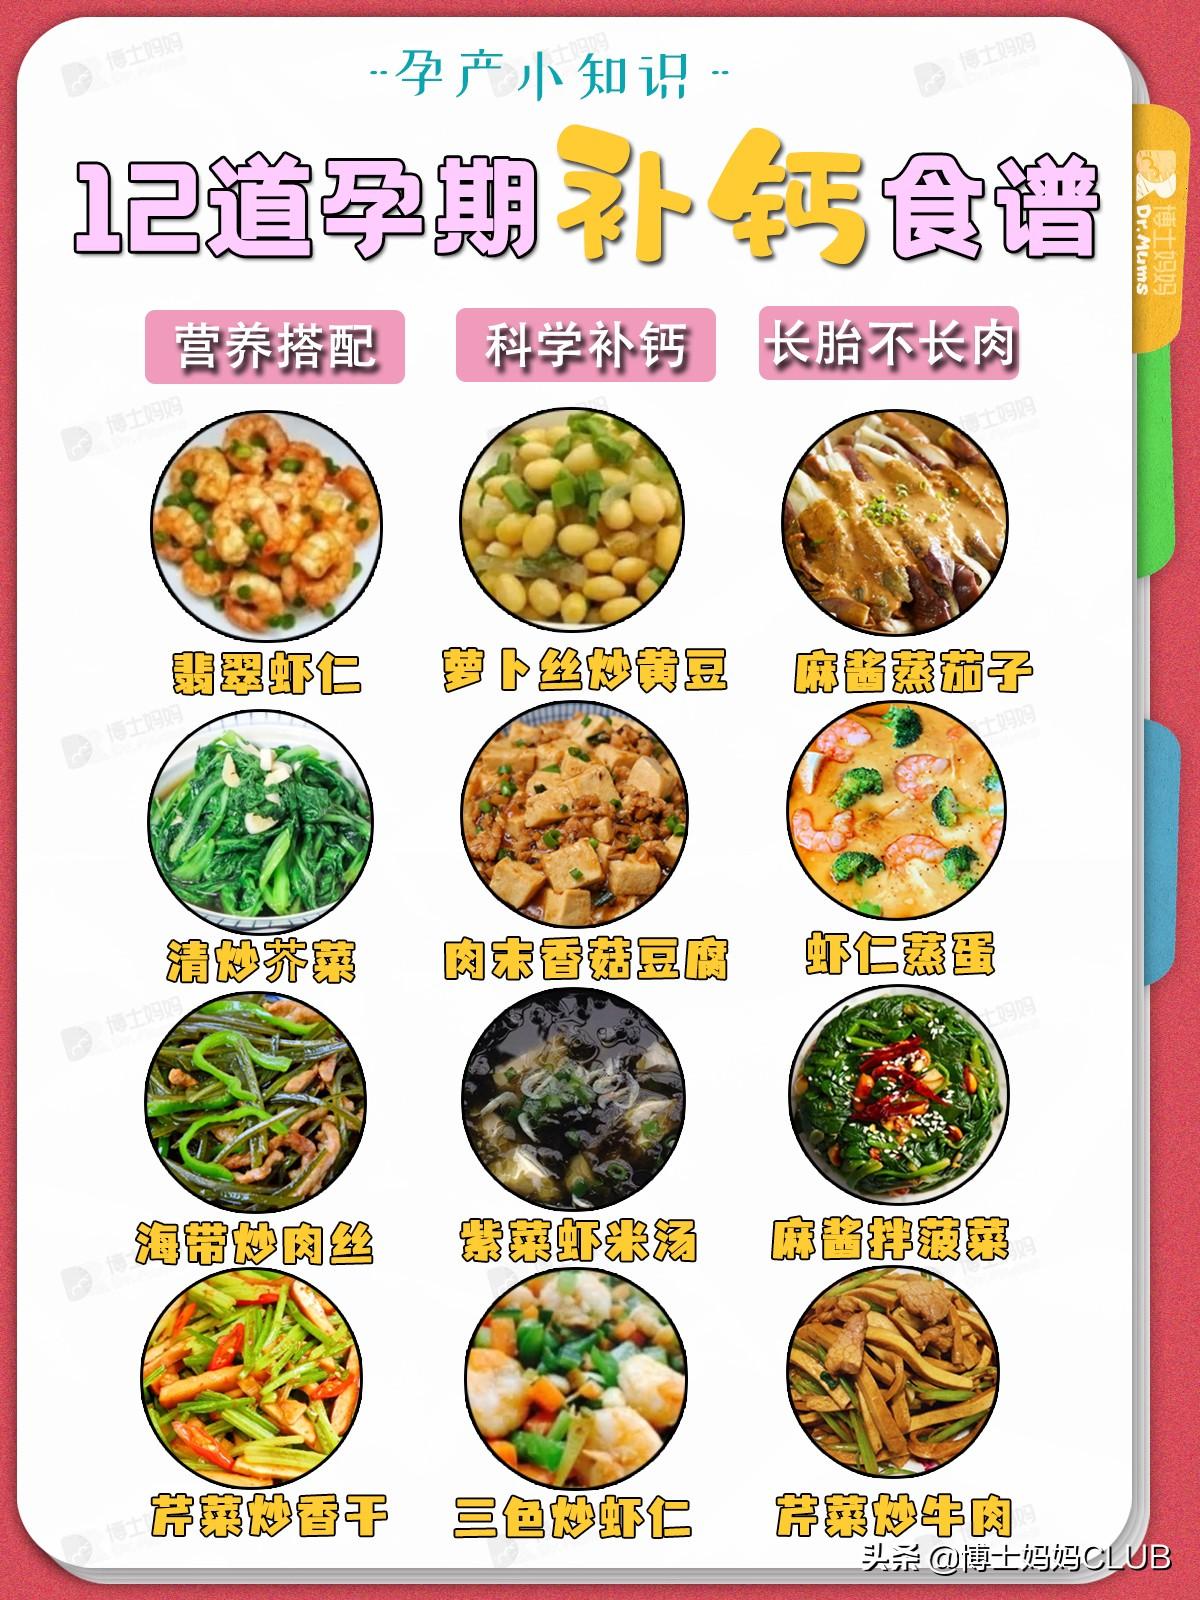 超级补钙食谱,荤素搭配,营养又好吃! 孕妇菜谱做法 第1张